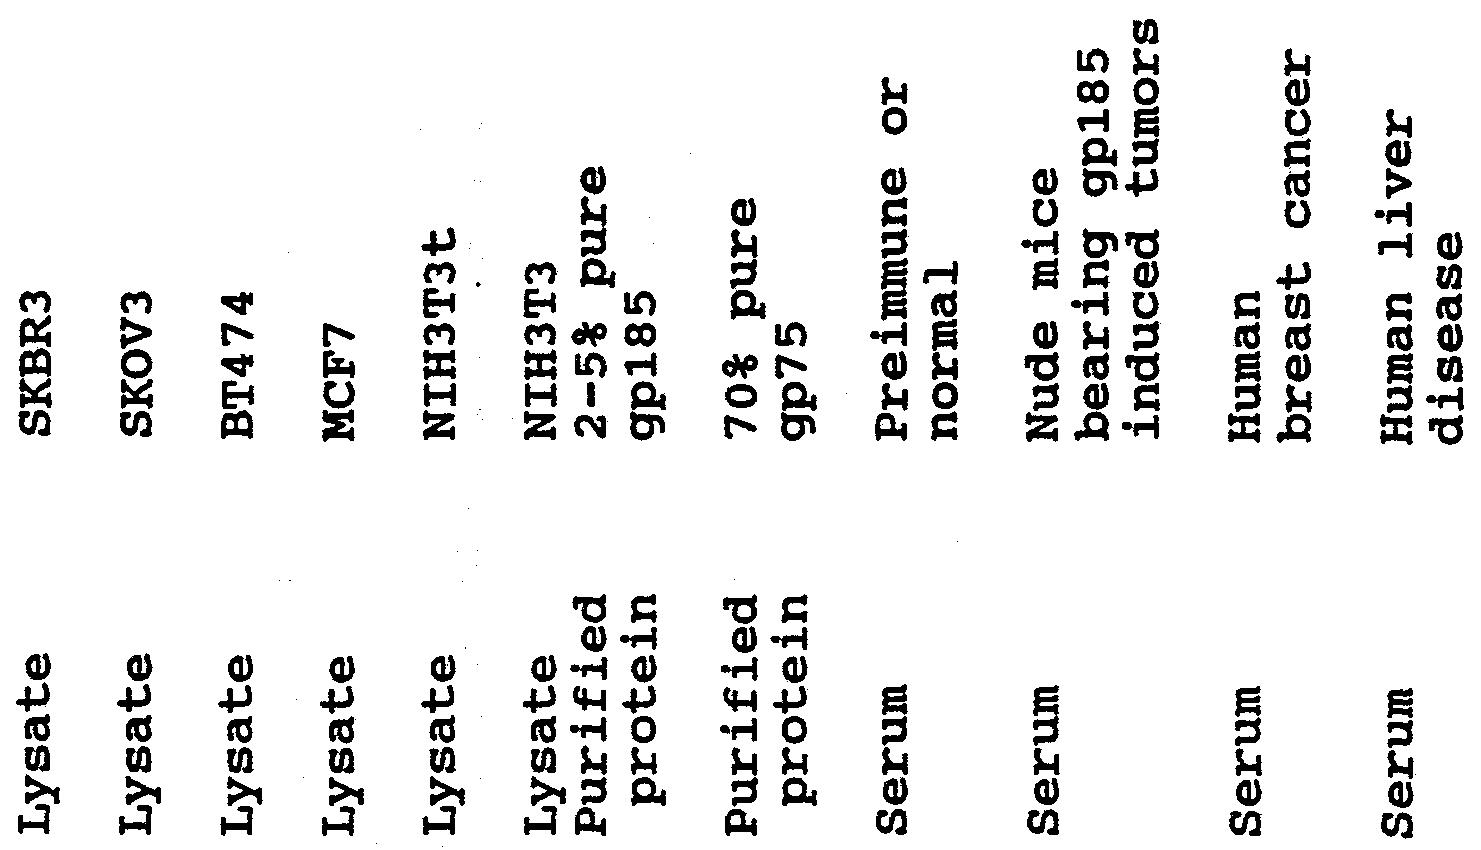 Figure imgf000074_0002